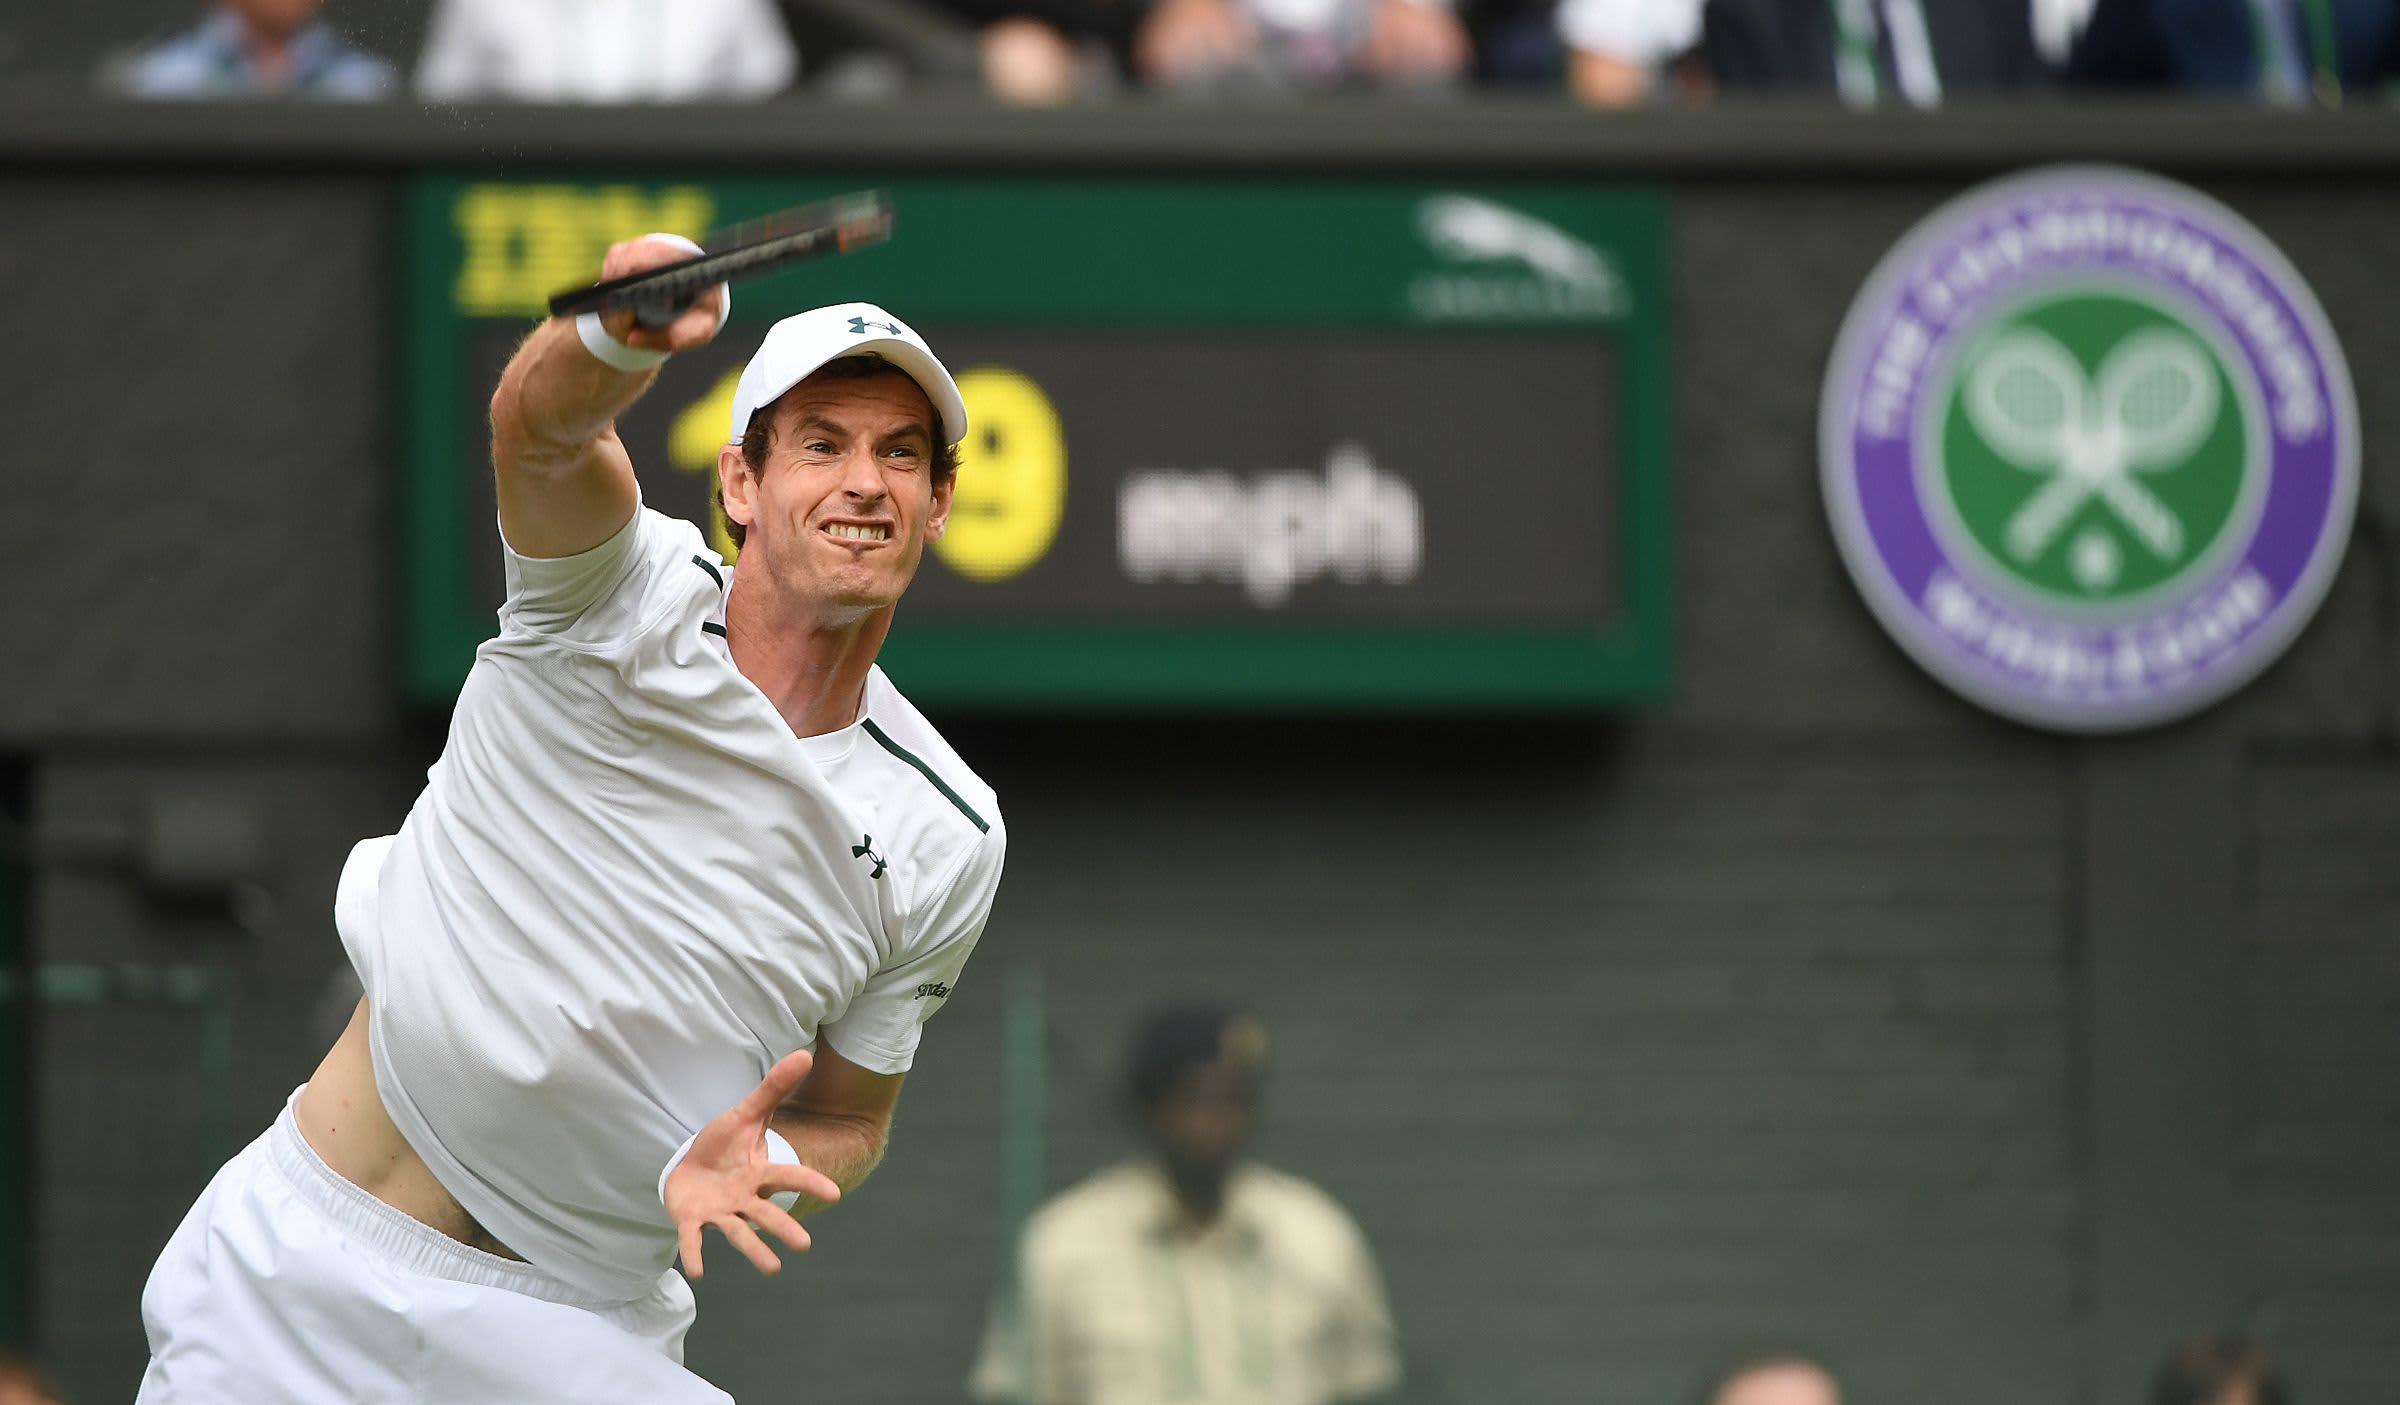 Andy Murray Wimbledonin ensimmäisen kierroksen ottelussa.